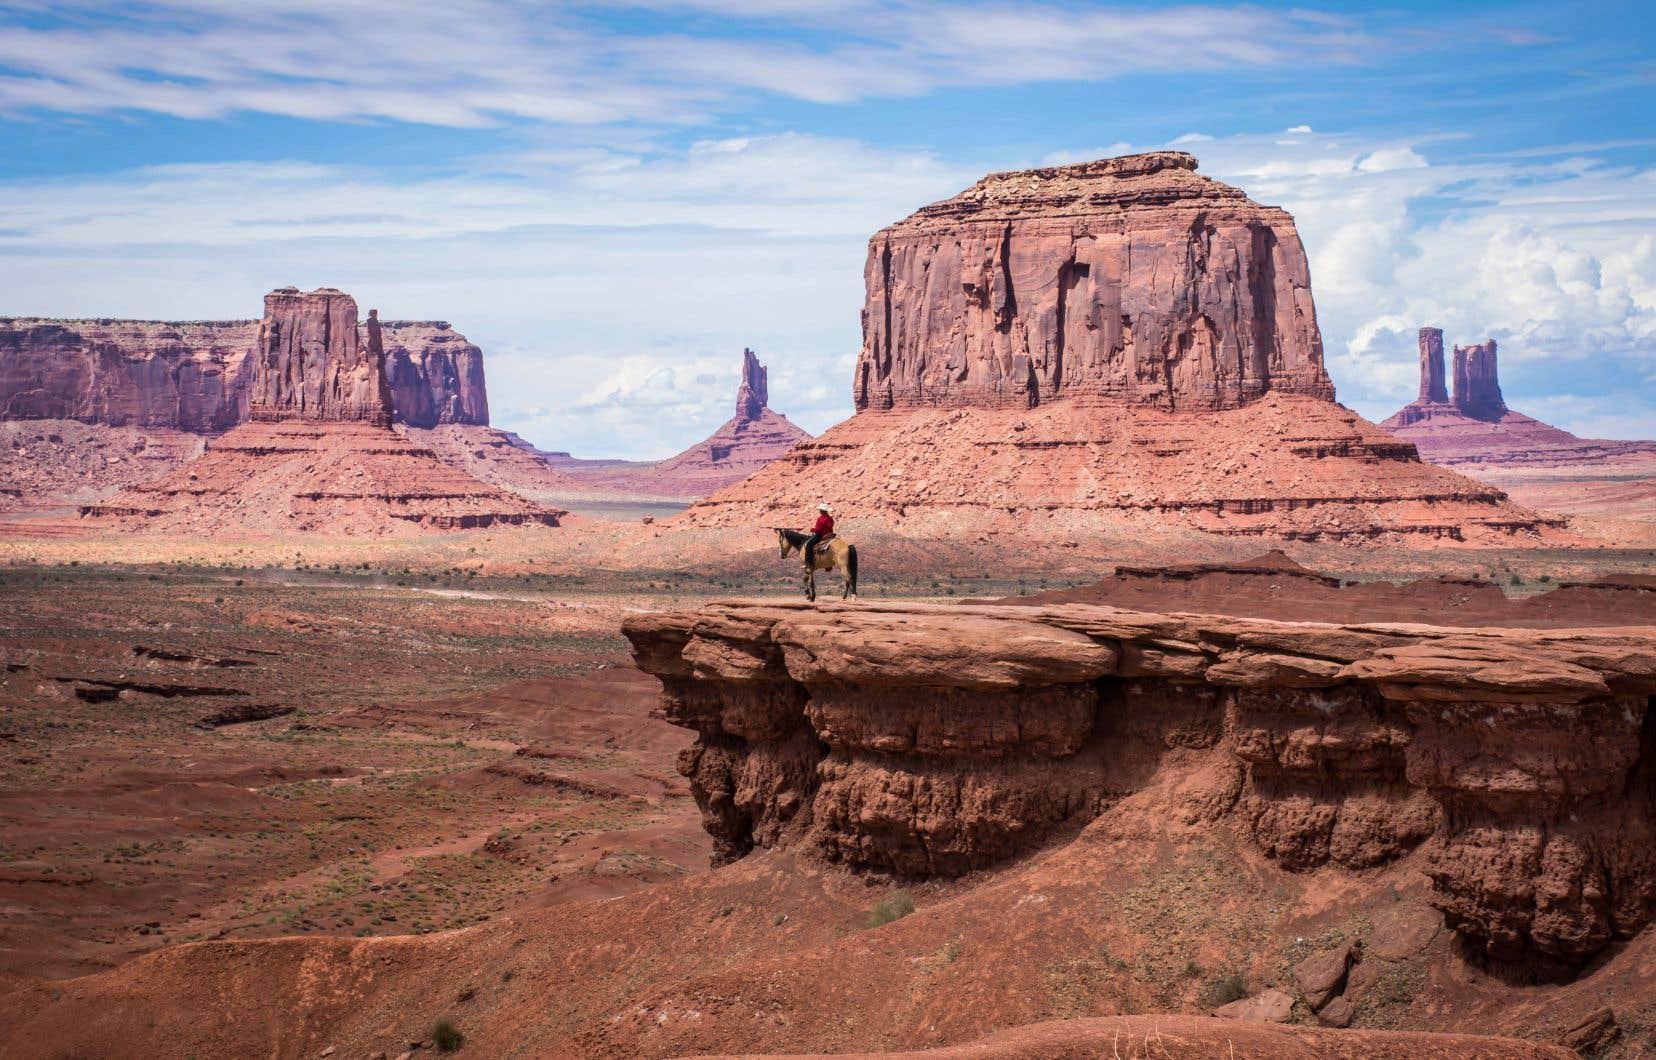 Monument Valley depuis John Ford Point. Un Navajo contemple le vide sur son cheval.